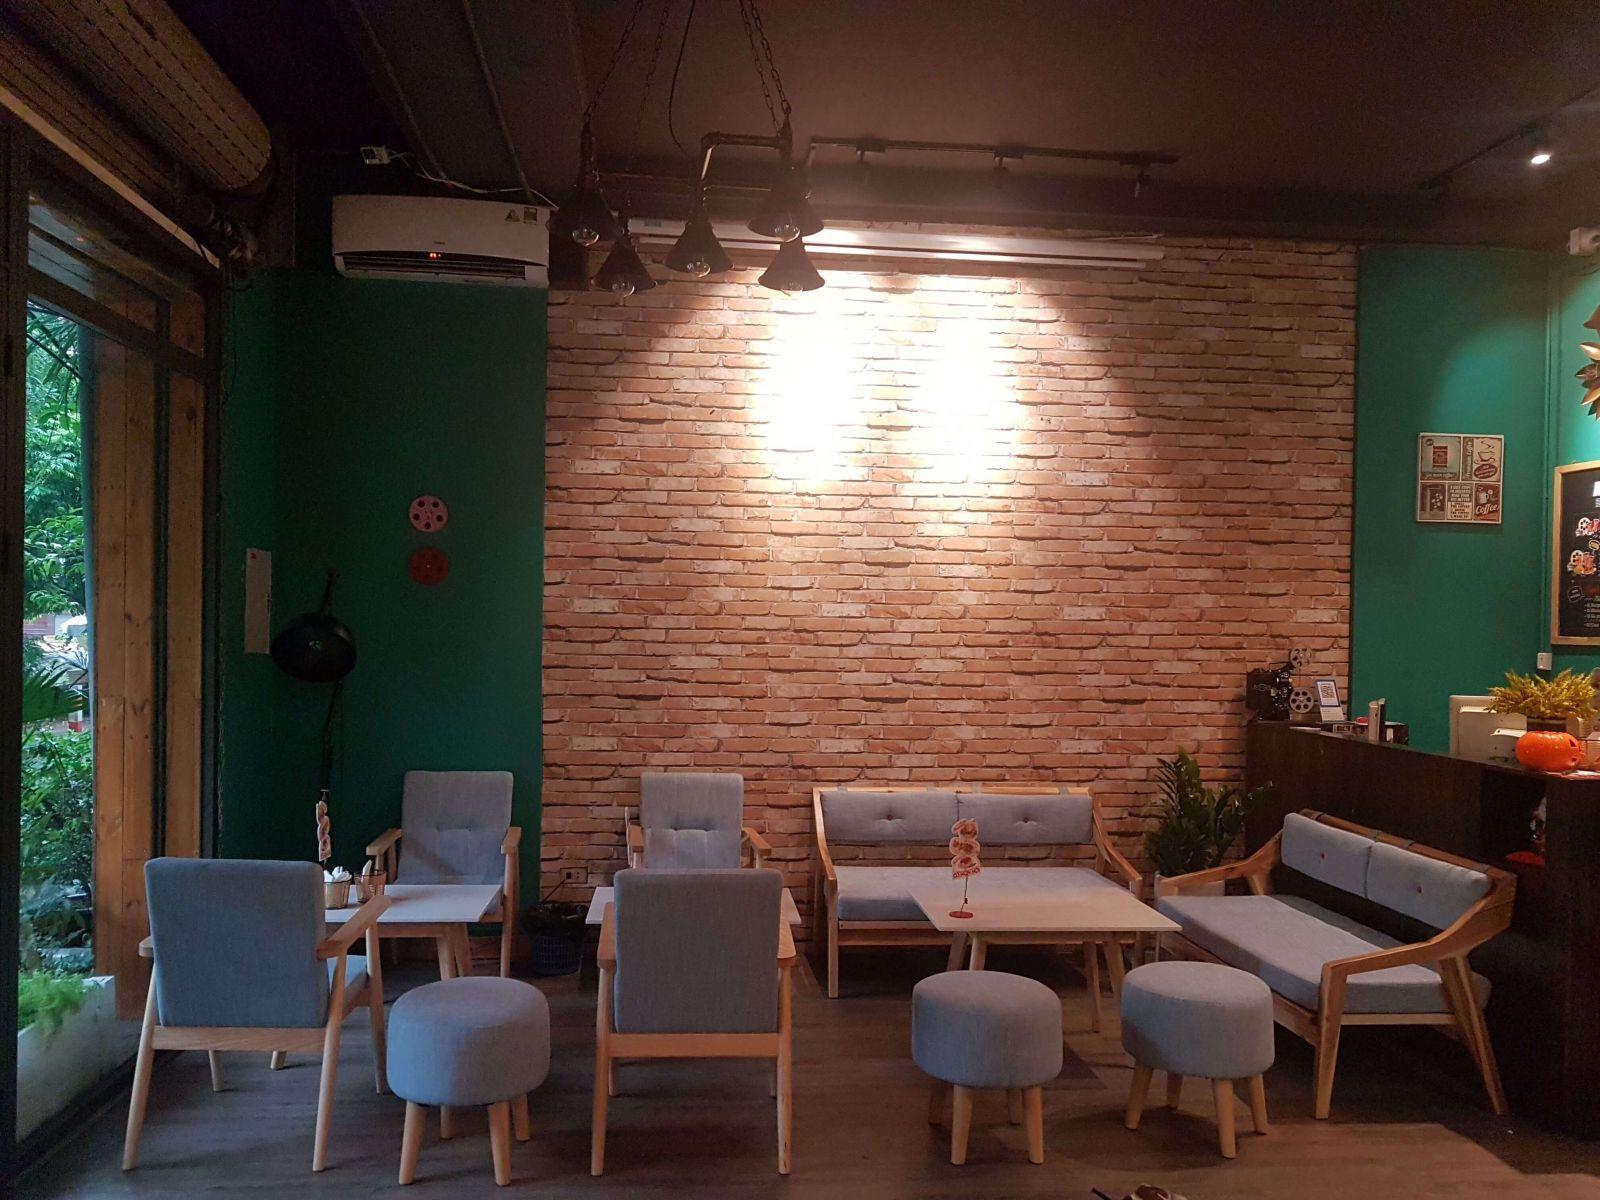 Cine-Cafe-Cafephim-Chua-Lang-Ha-Noi (3)